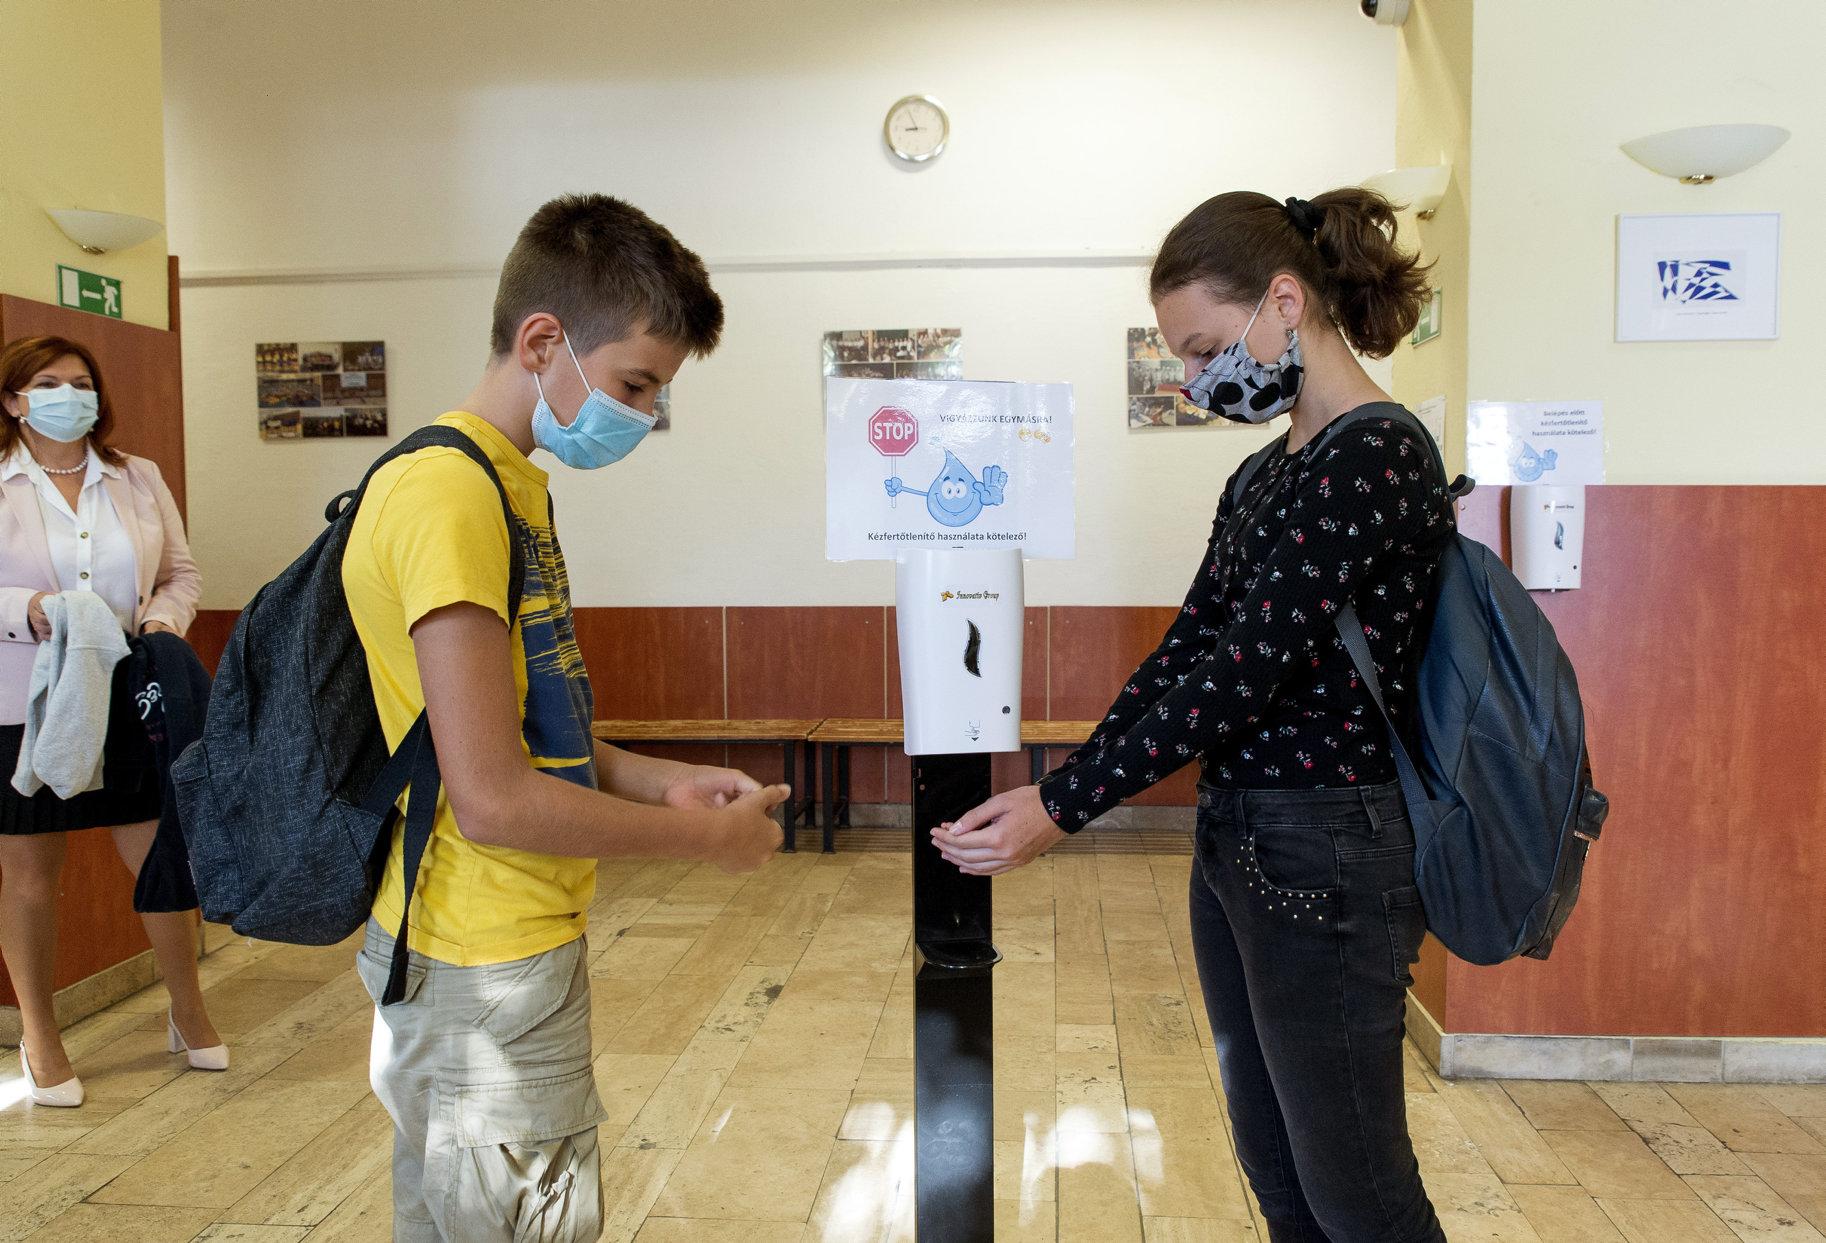 Doppelt so viele Kinder im Krankenhaus wie in früheren Stadien der Epidemie